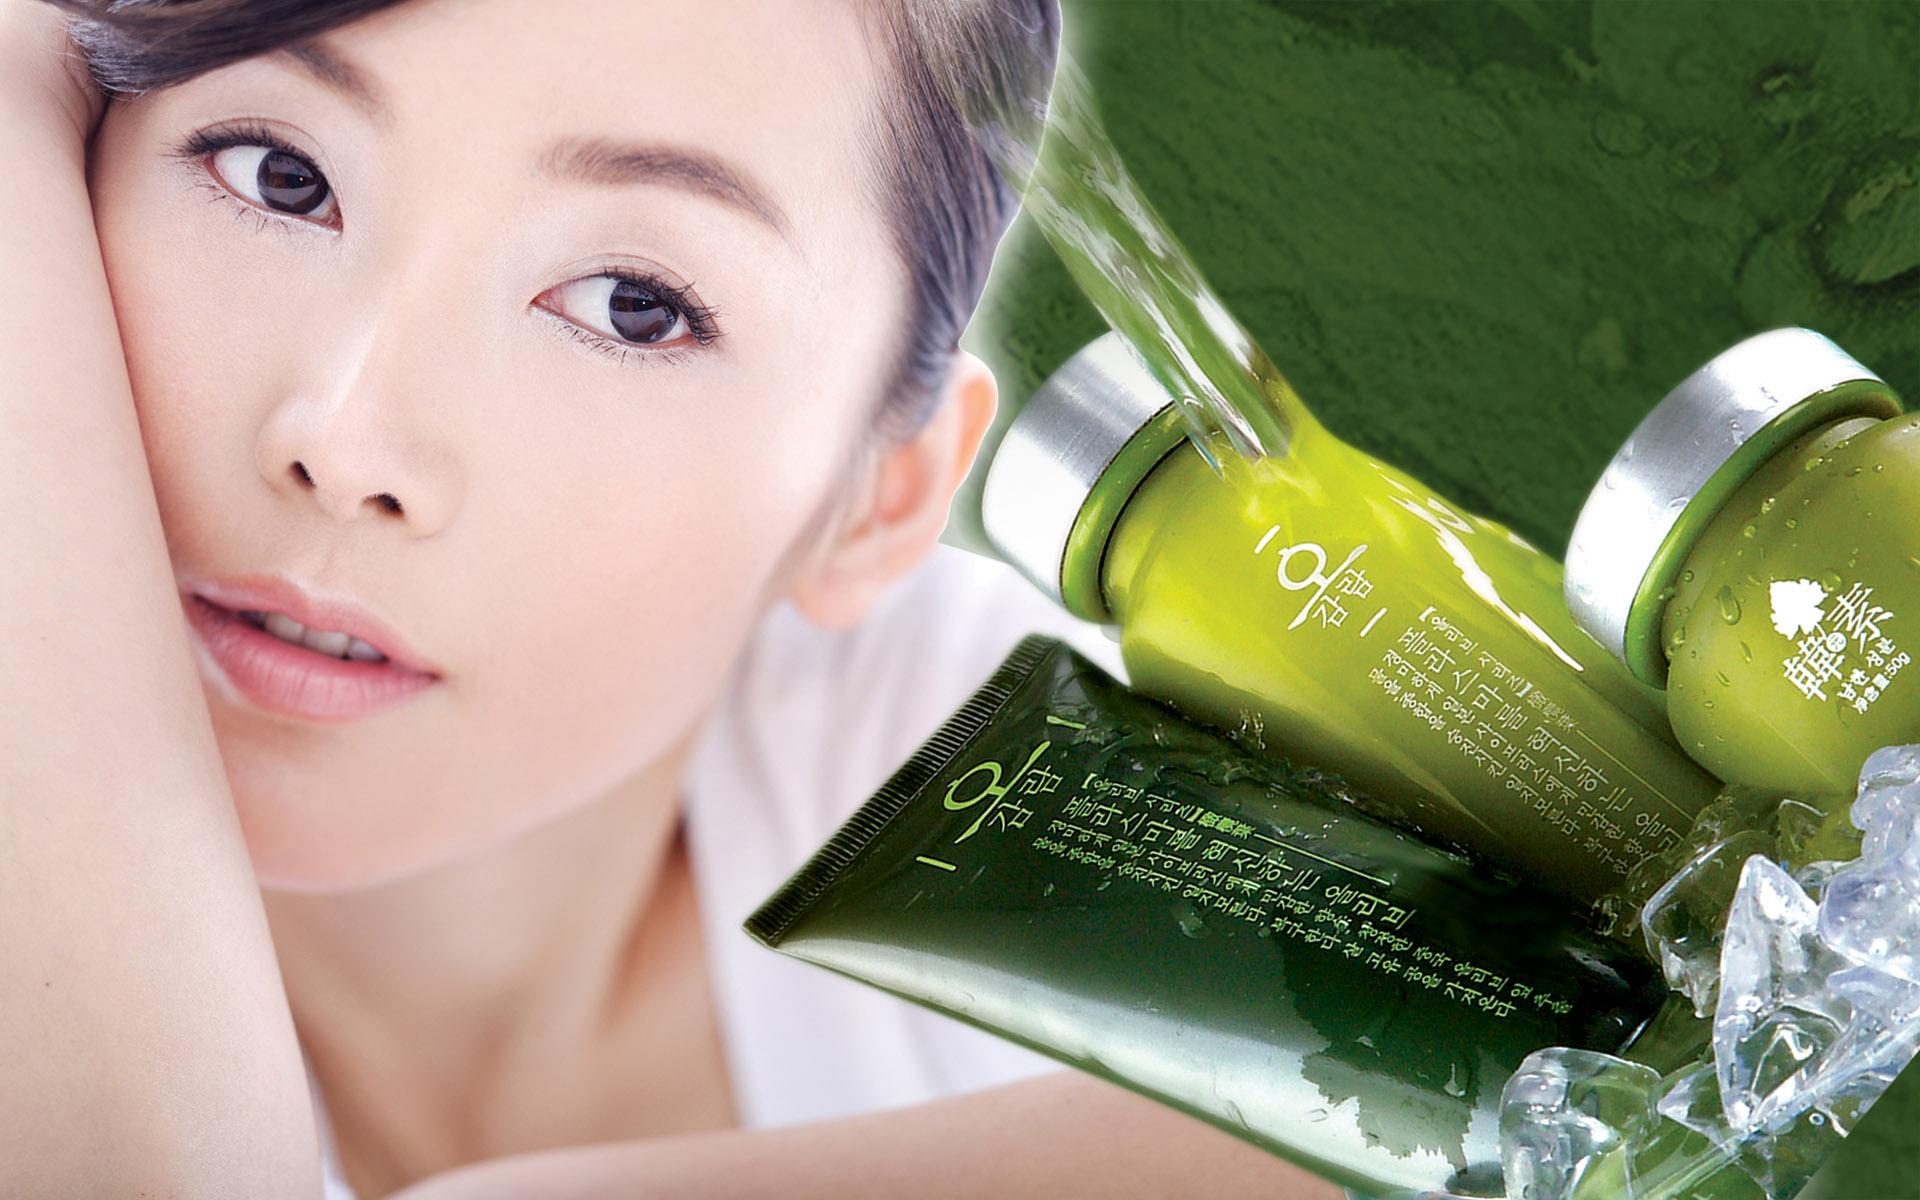 Купить в интернете азиатскую косметику эйвон заказы 2021